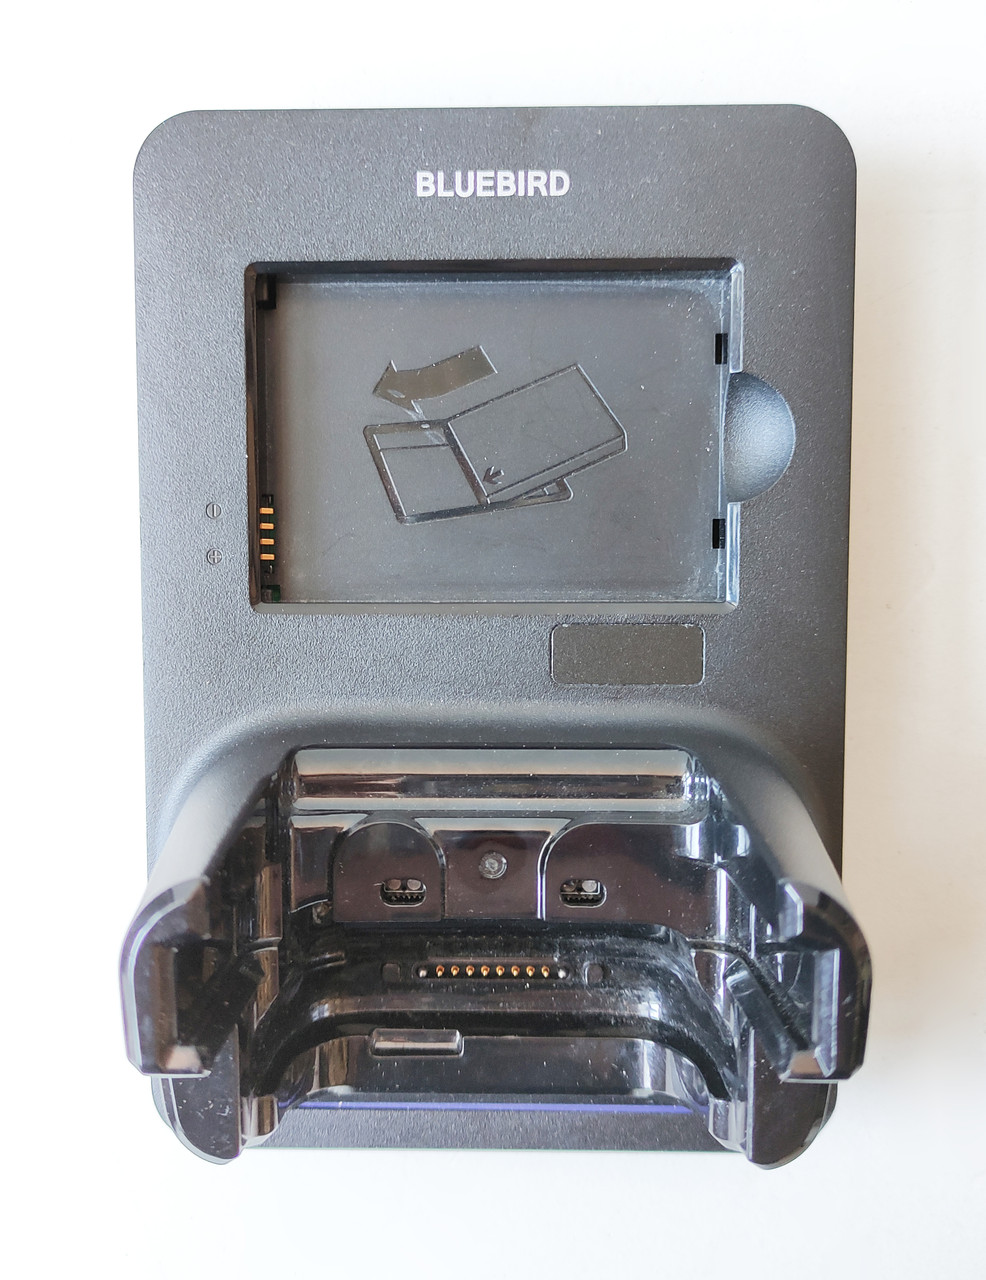 Bluebird Зарядное устройство 1 Slot Cradle для EF400. Bluebird Cradle 1SC-EF400